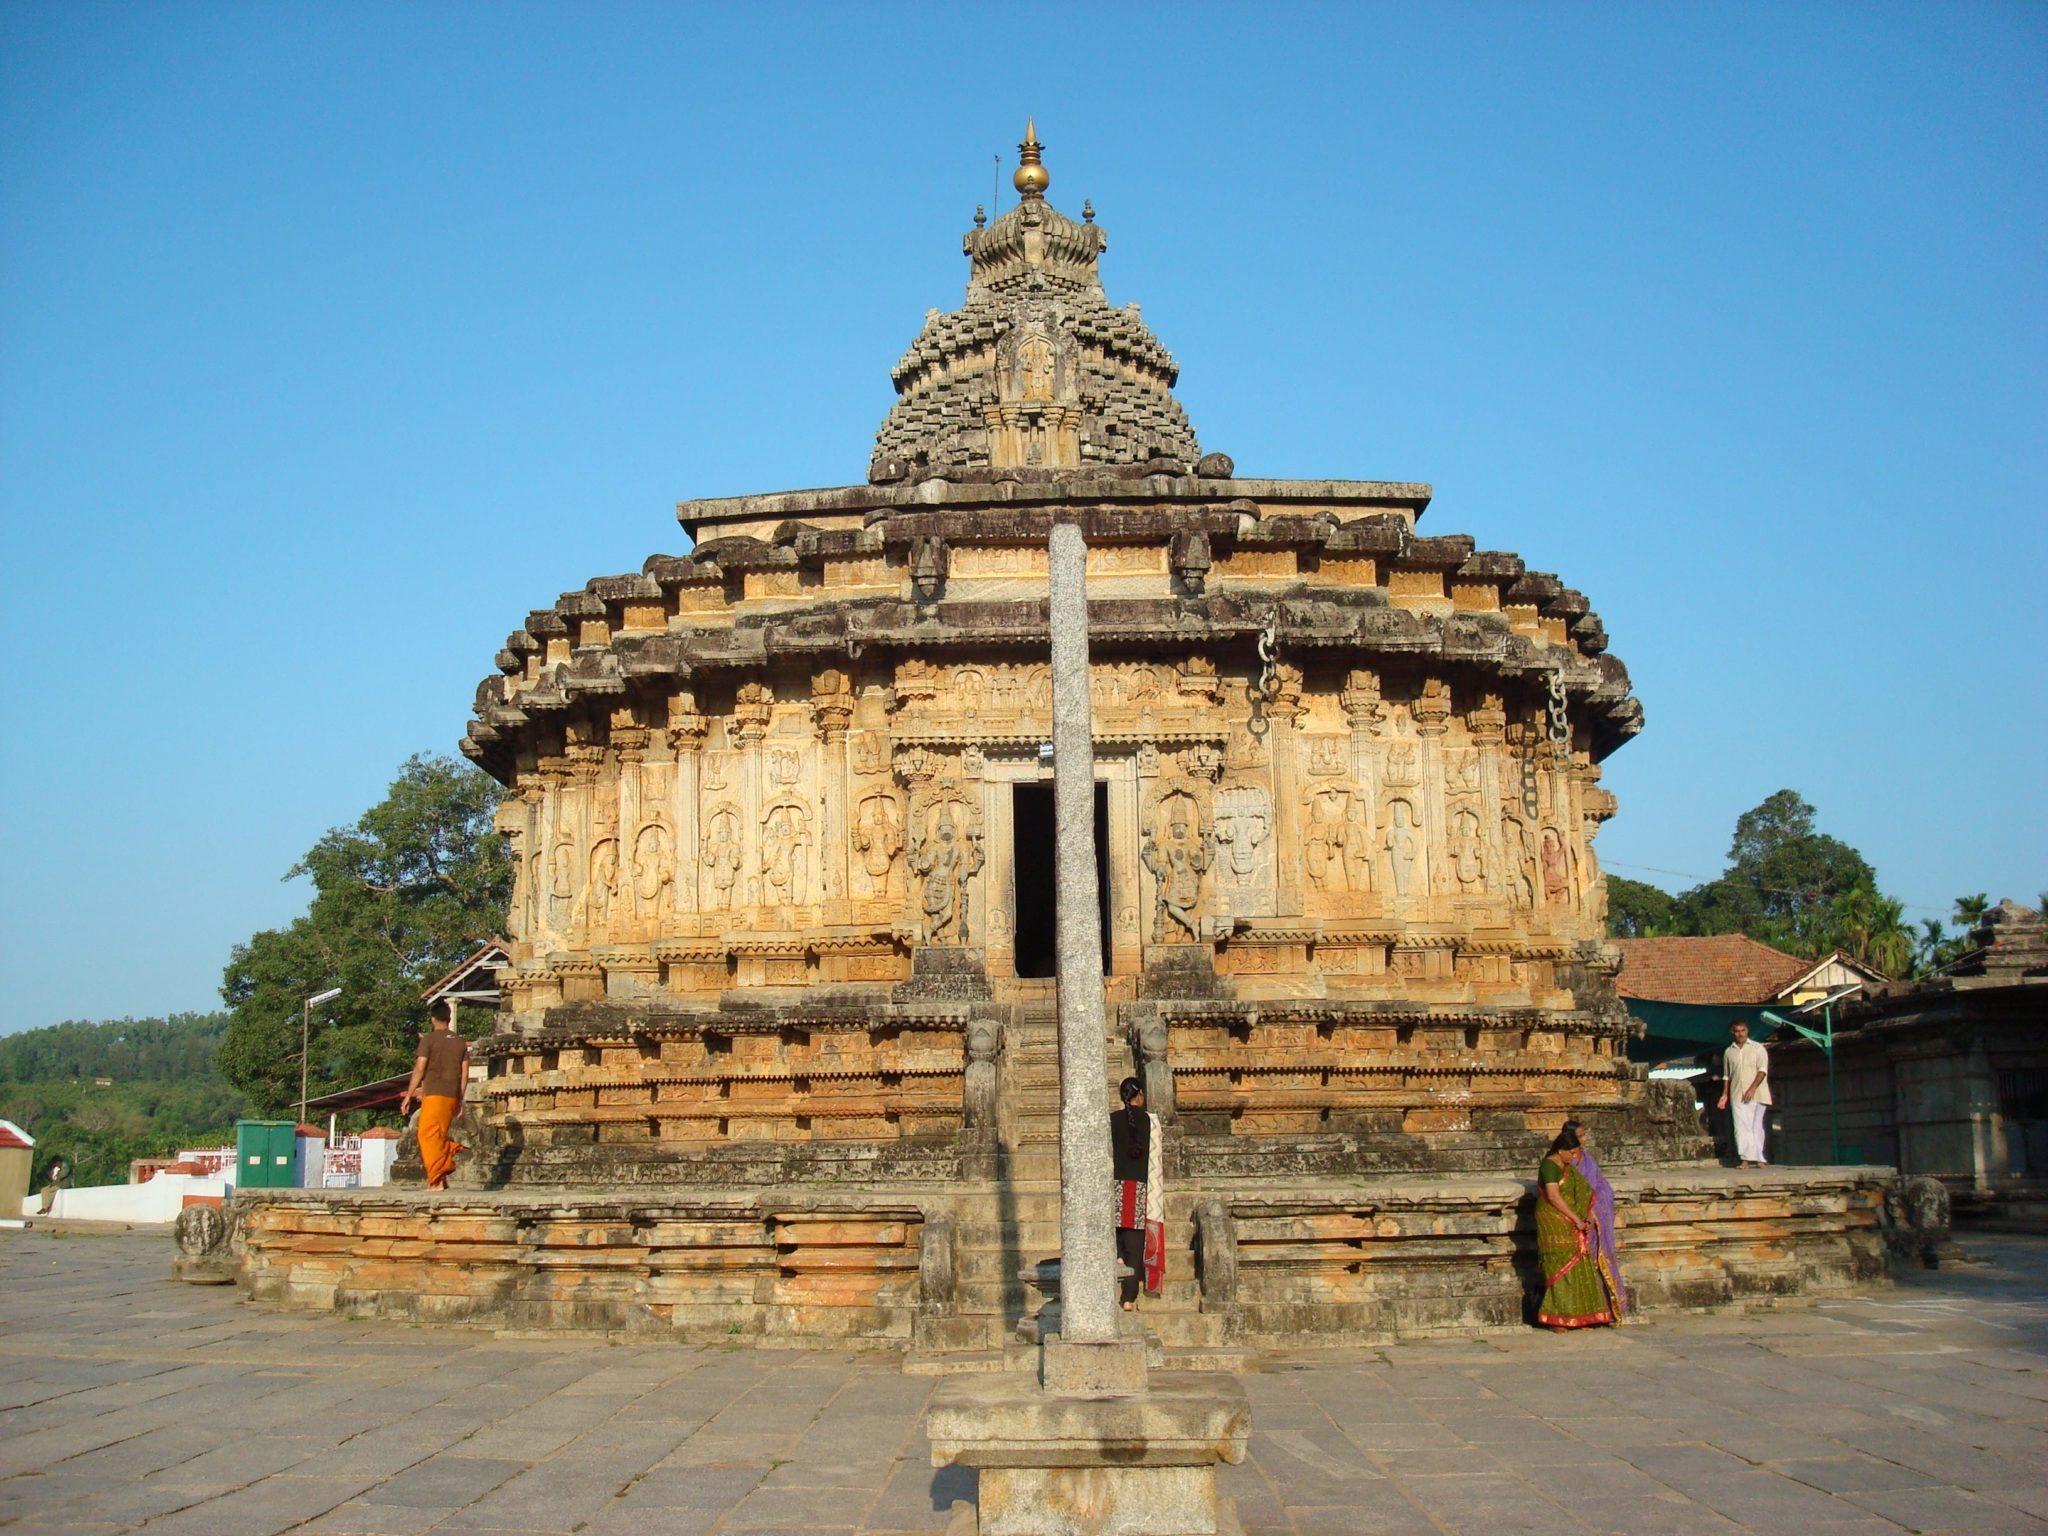 Sringeri – Vidyashankara寺庙